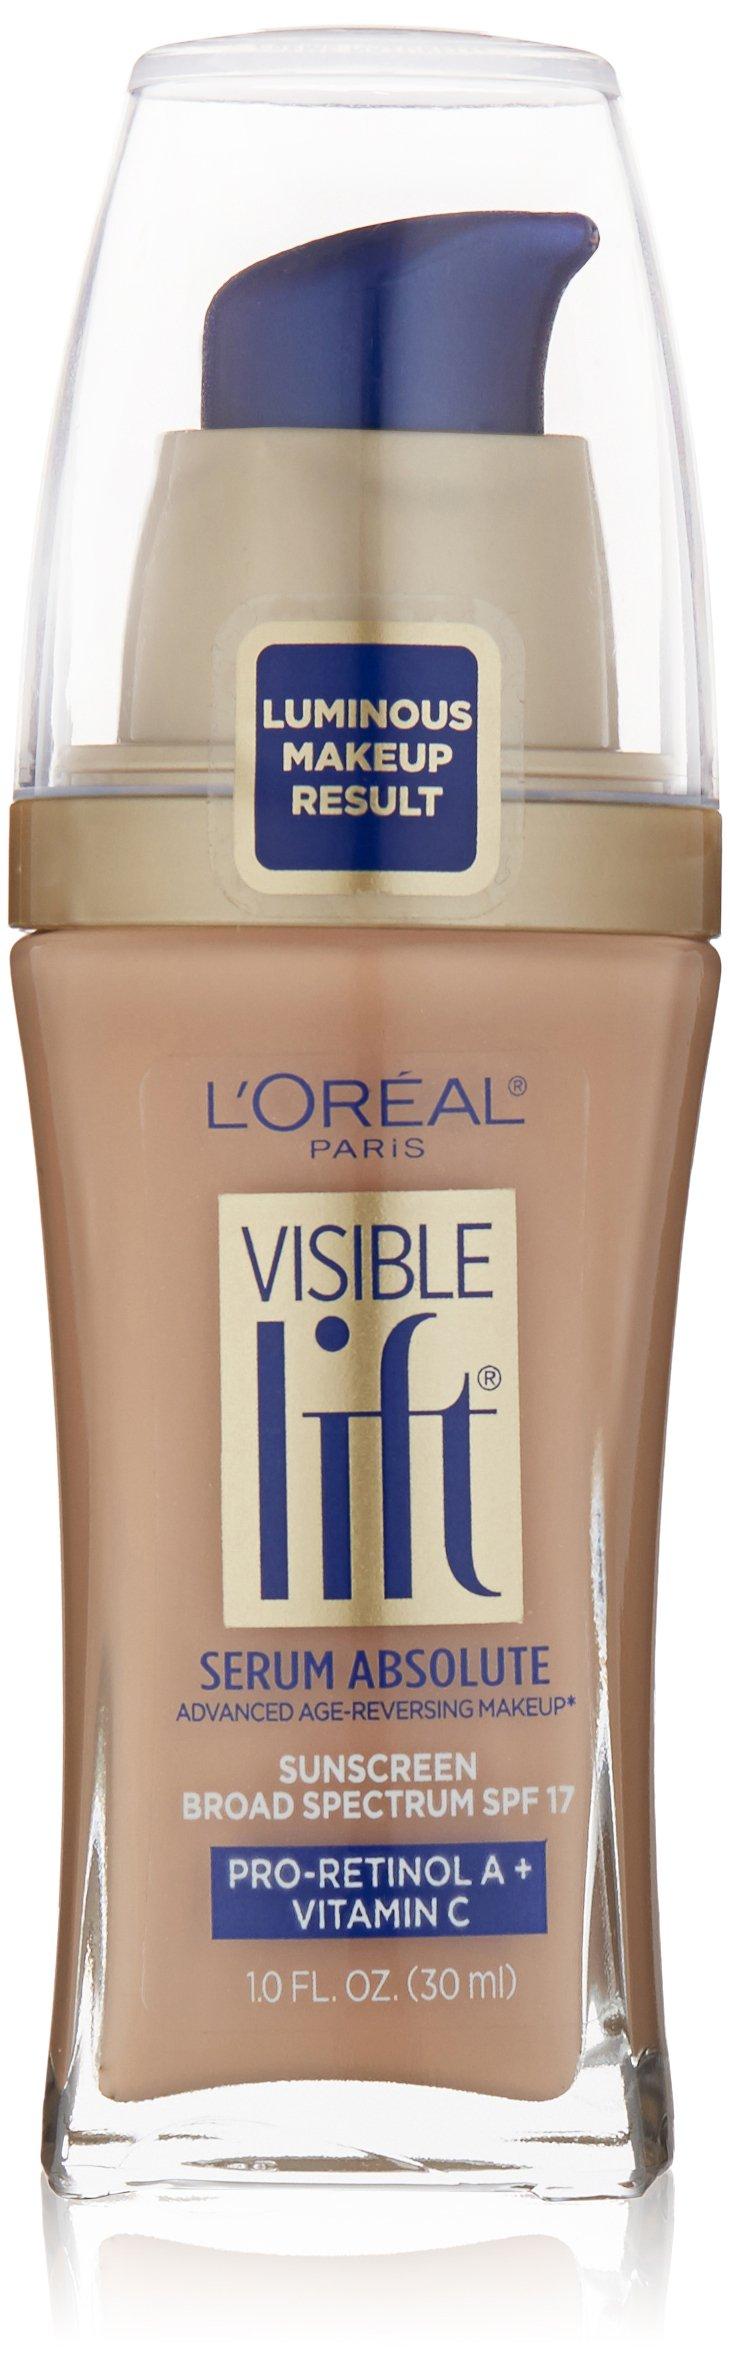 L'Oréal Paris Visible Lift Serum Absolute Foundation, Creamy Natural, 1 fl. oz.